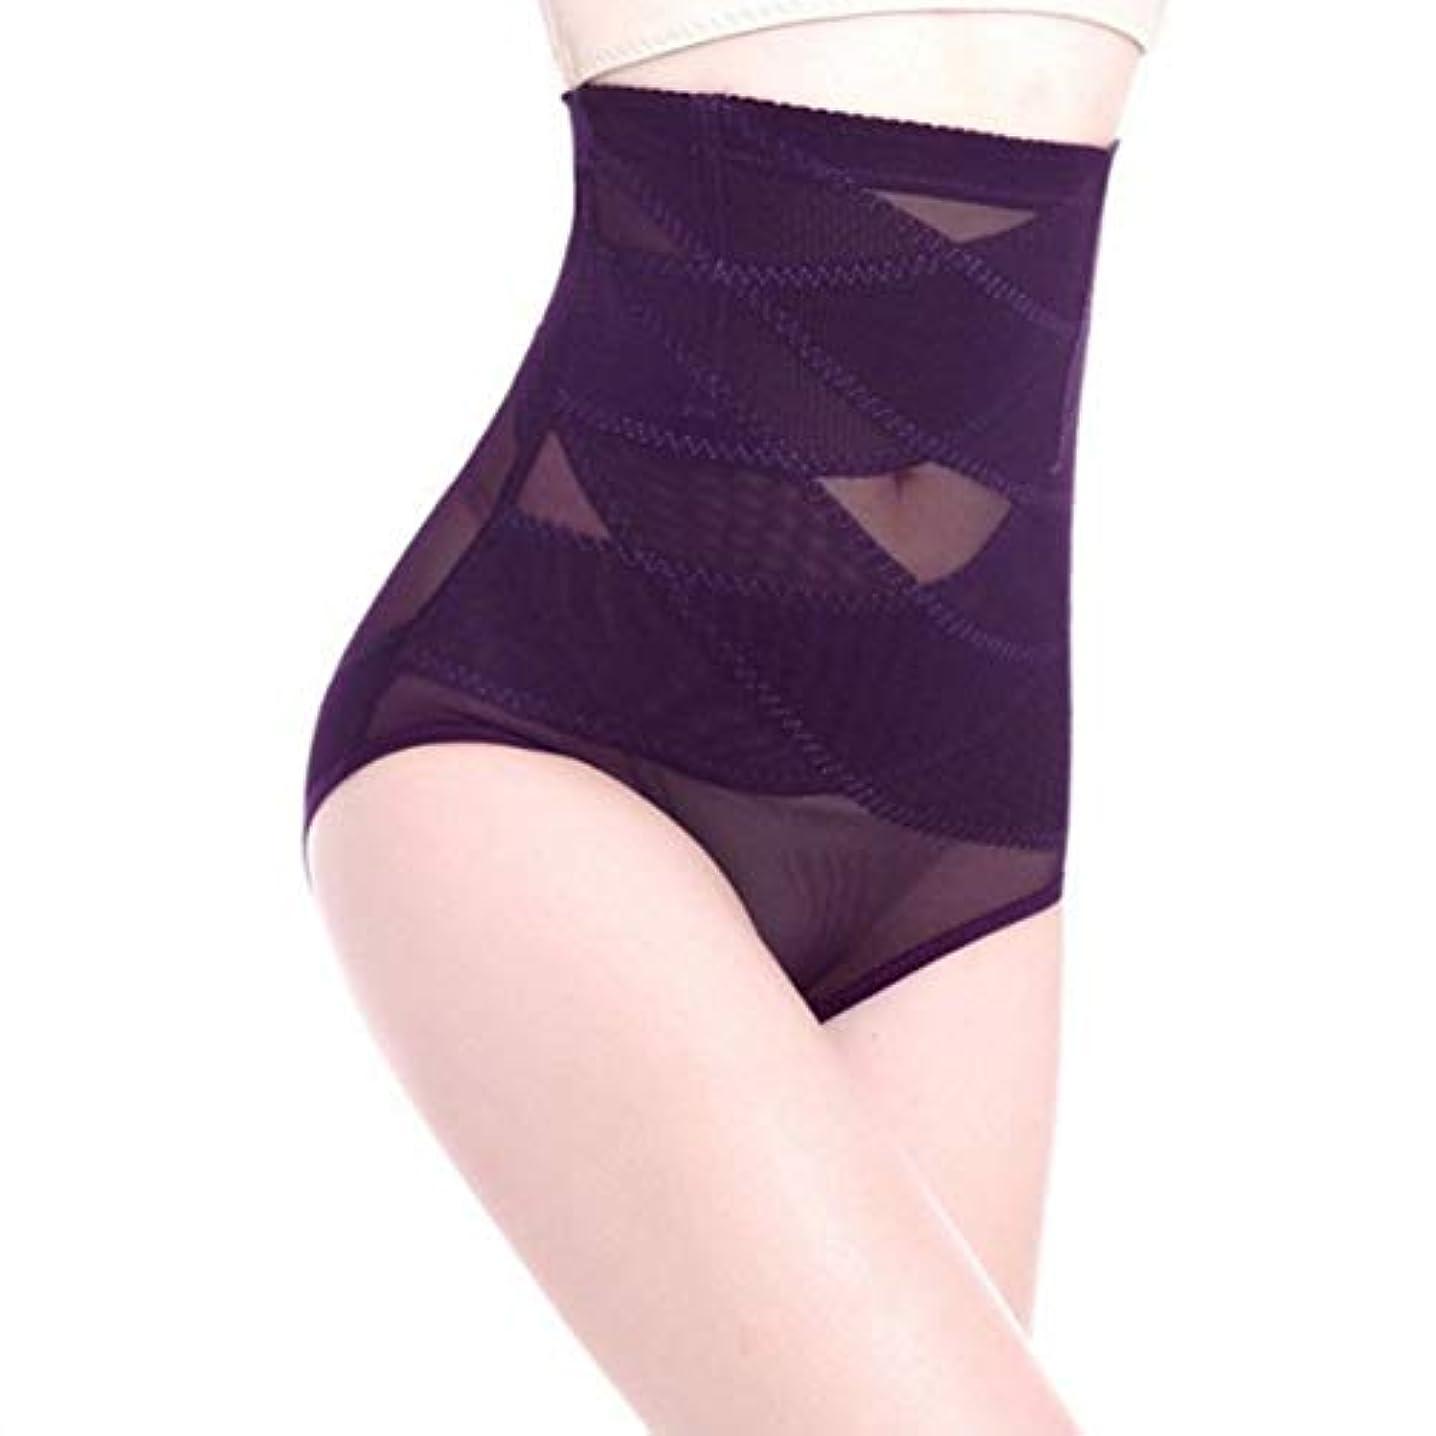 感覚セレナ入場料通気性のあるハイウエスト女性痩身腹部コントロール下着シームレスおなかコントロールパンティーバットリフターボディシェイパー - パープル3 XL